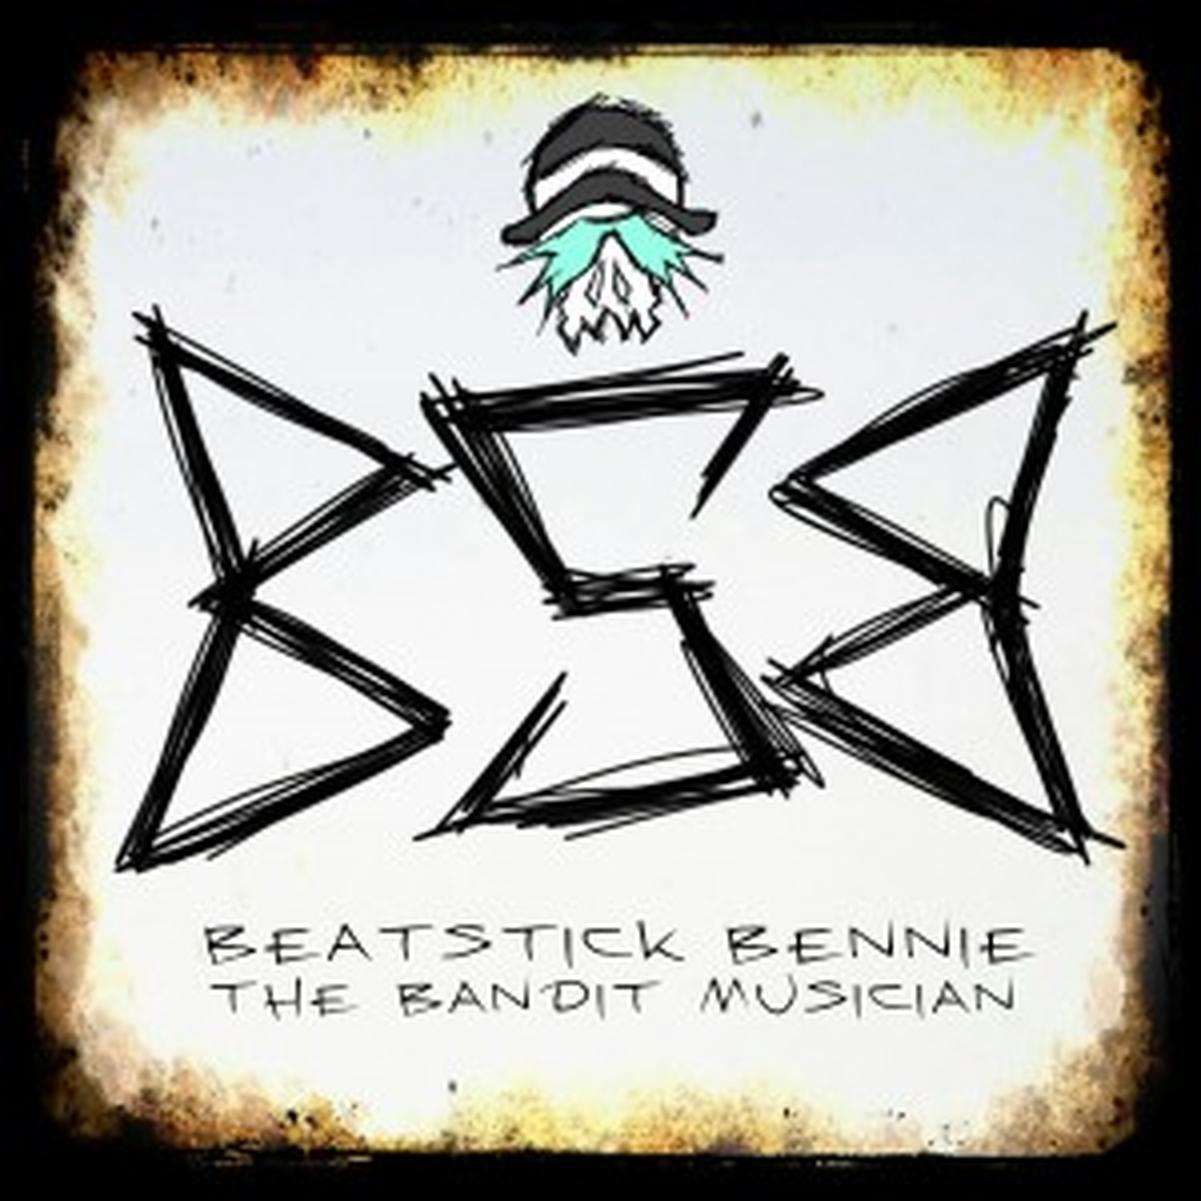 BeatStick Bennie